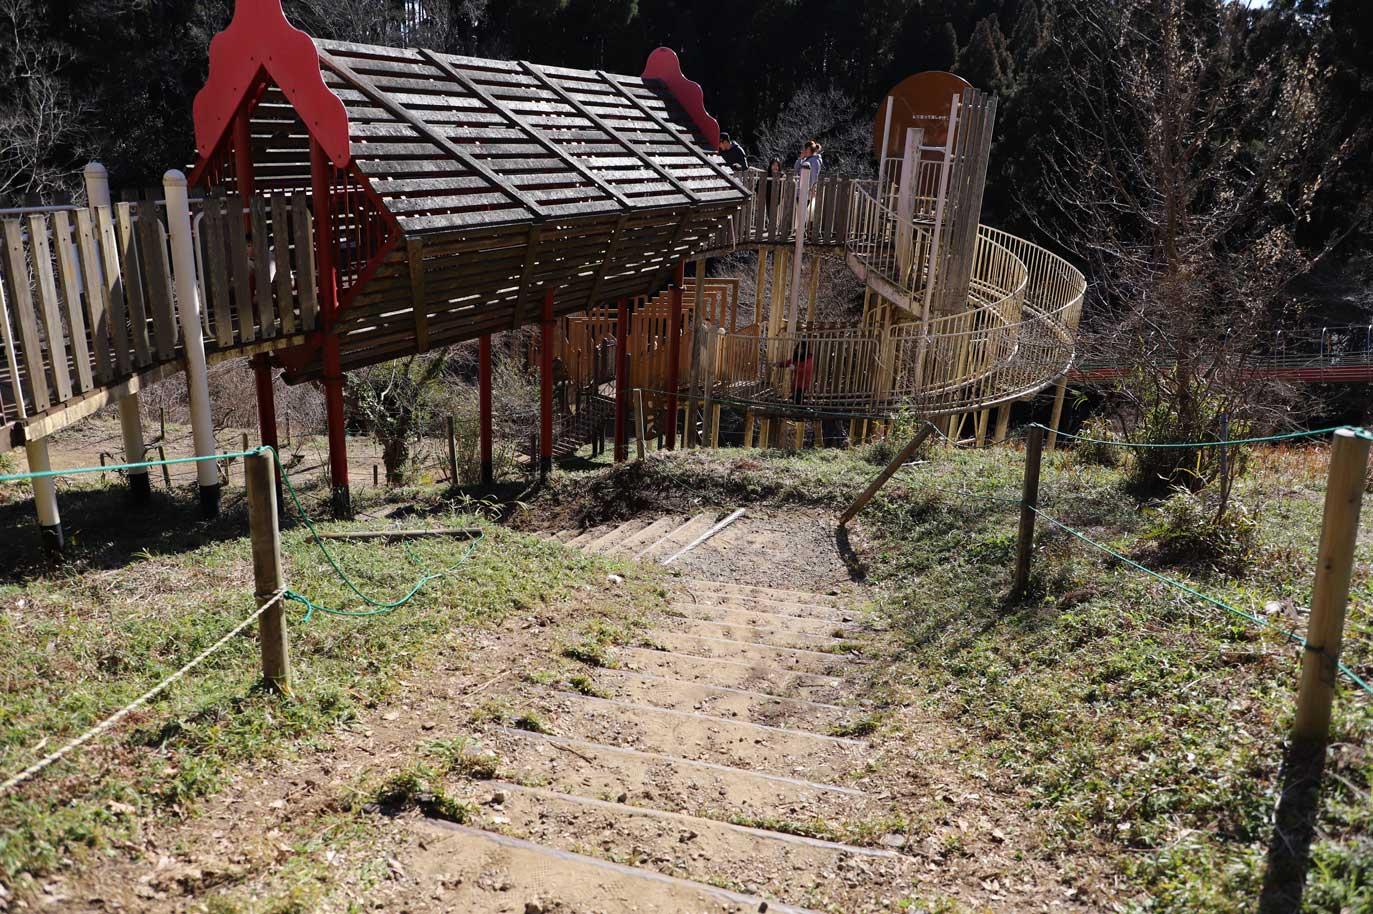 昭和の森の長いすべり台と遊具の砦